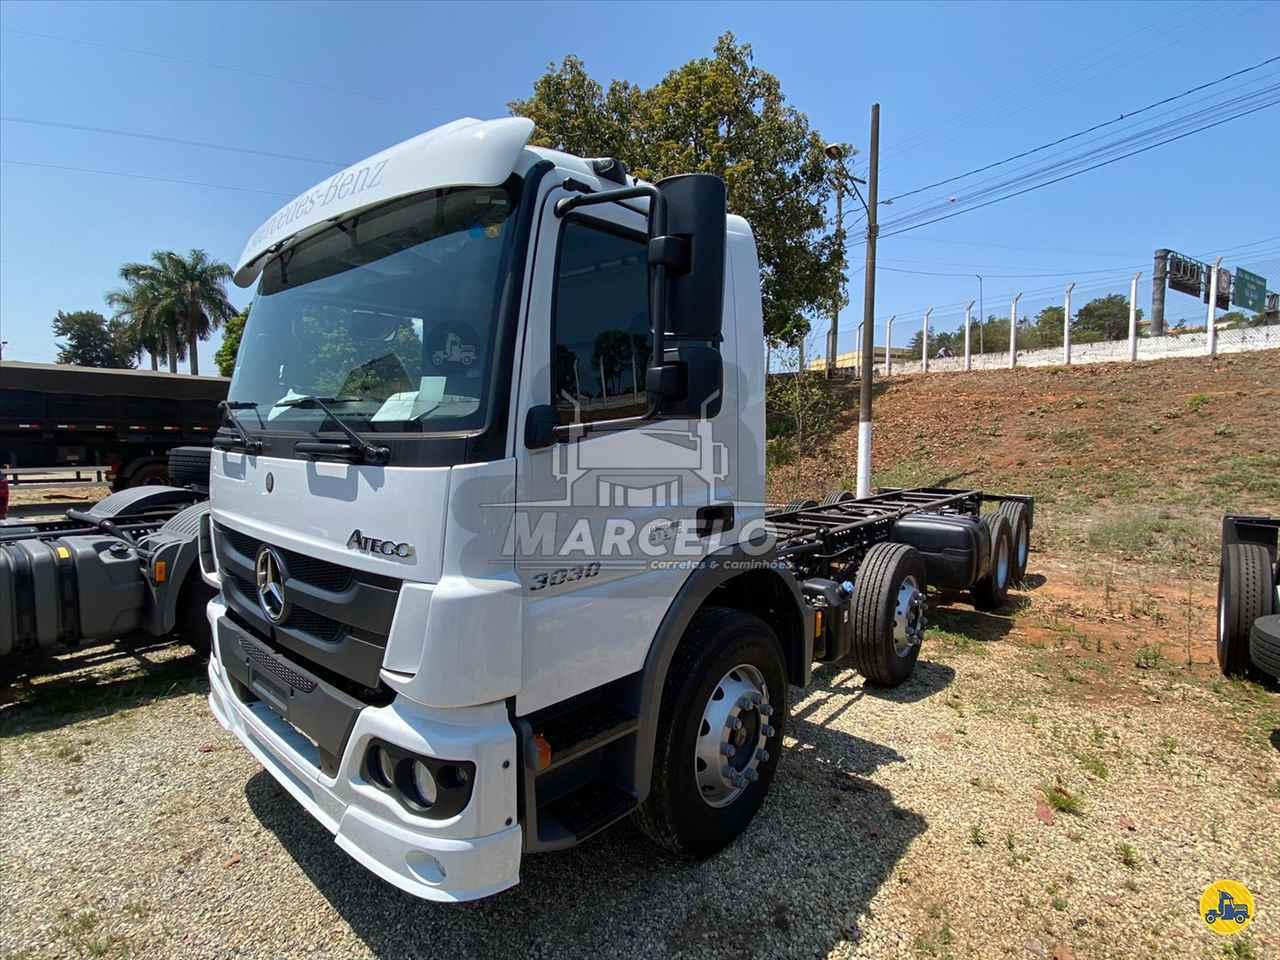 CAMINHAO MERCEDES-BENZ MB 3030 Cavalo Mecânico BiTruck 8x2 Marcelo Carretas e Caminhões PIRAPOZINHO SÃO PAULO SP